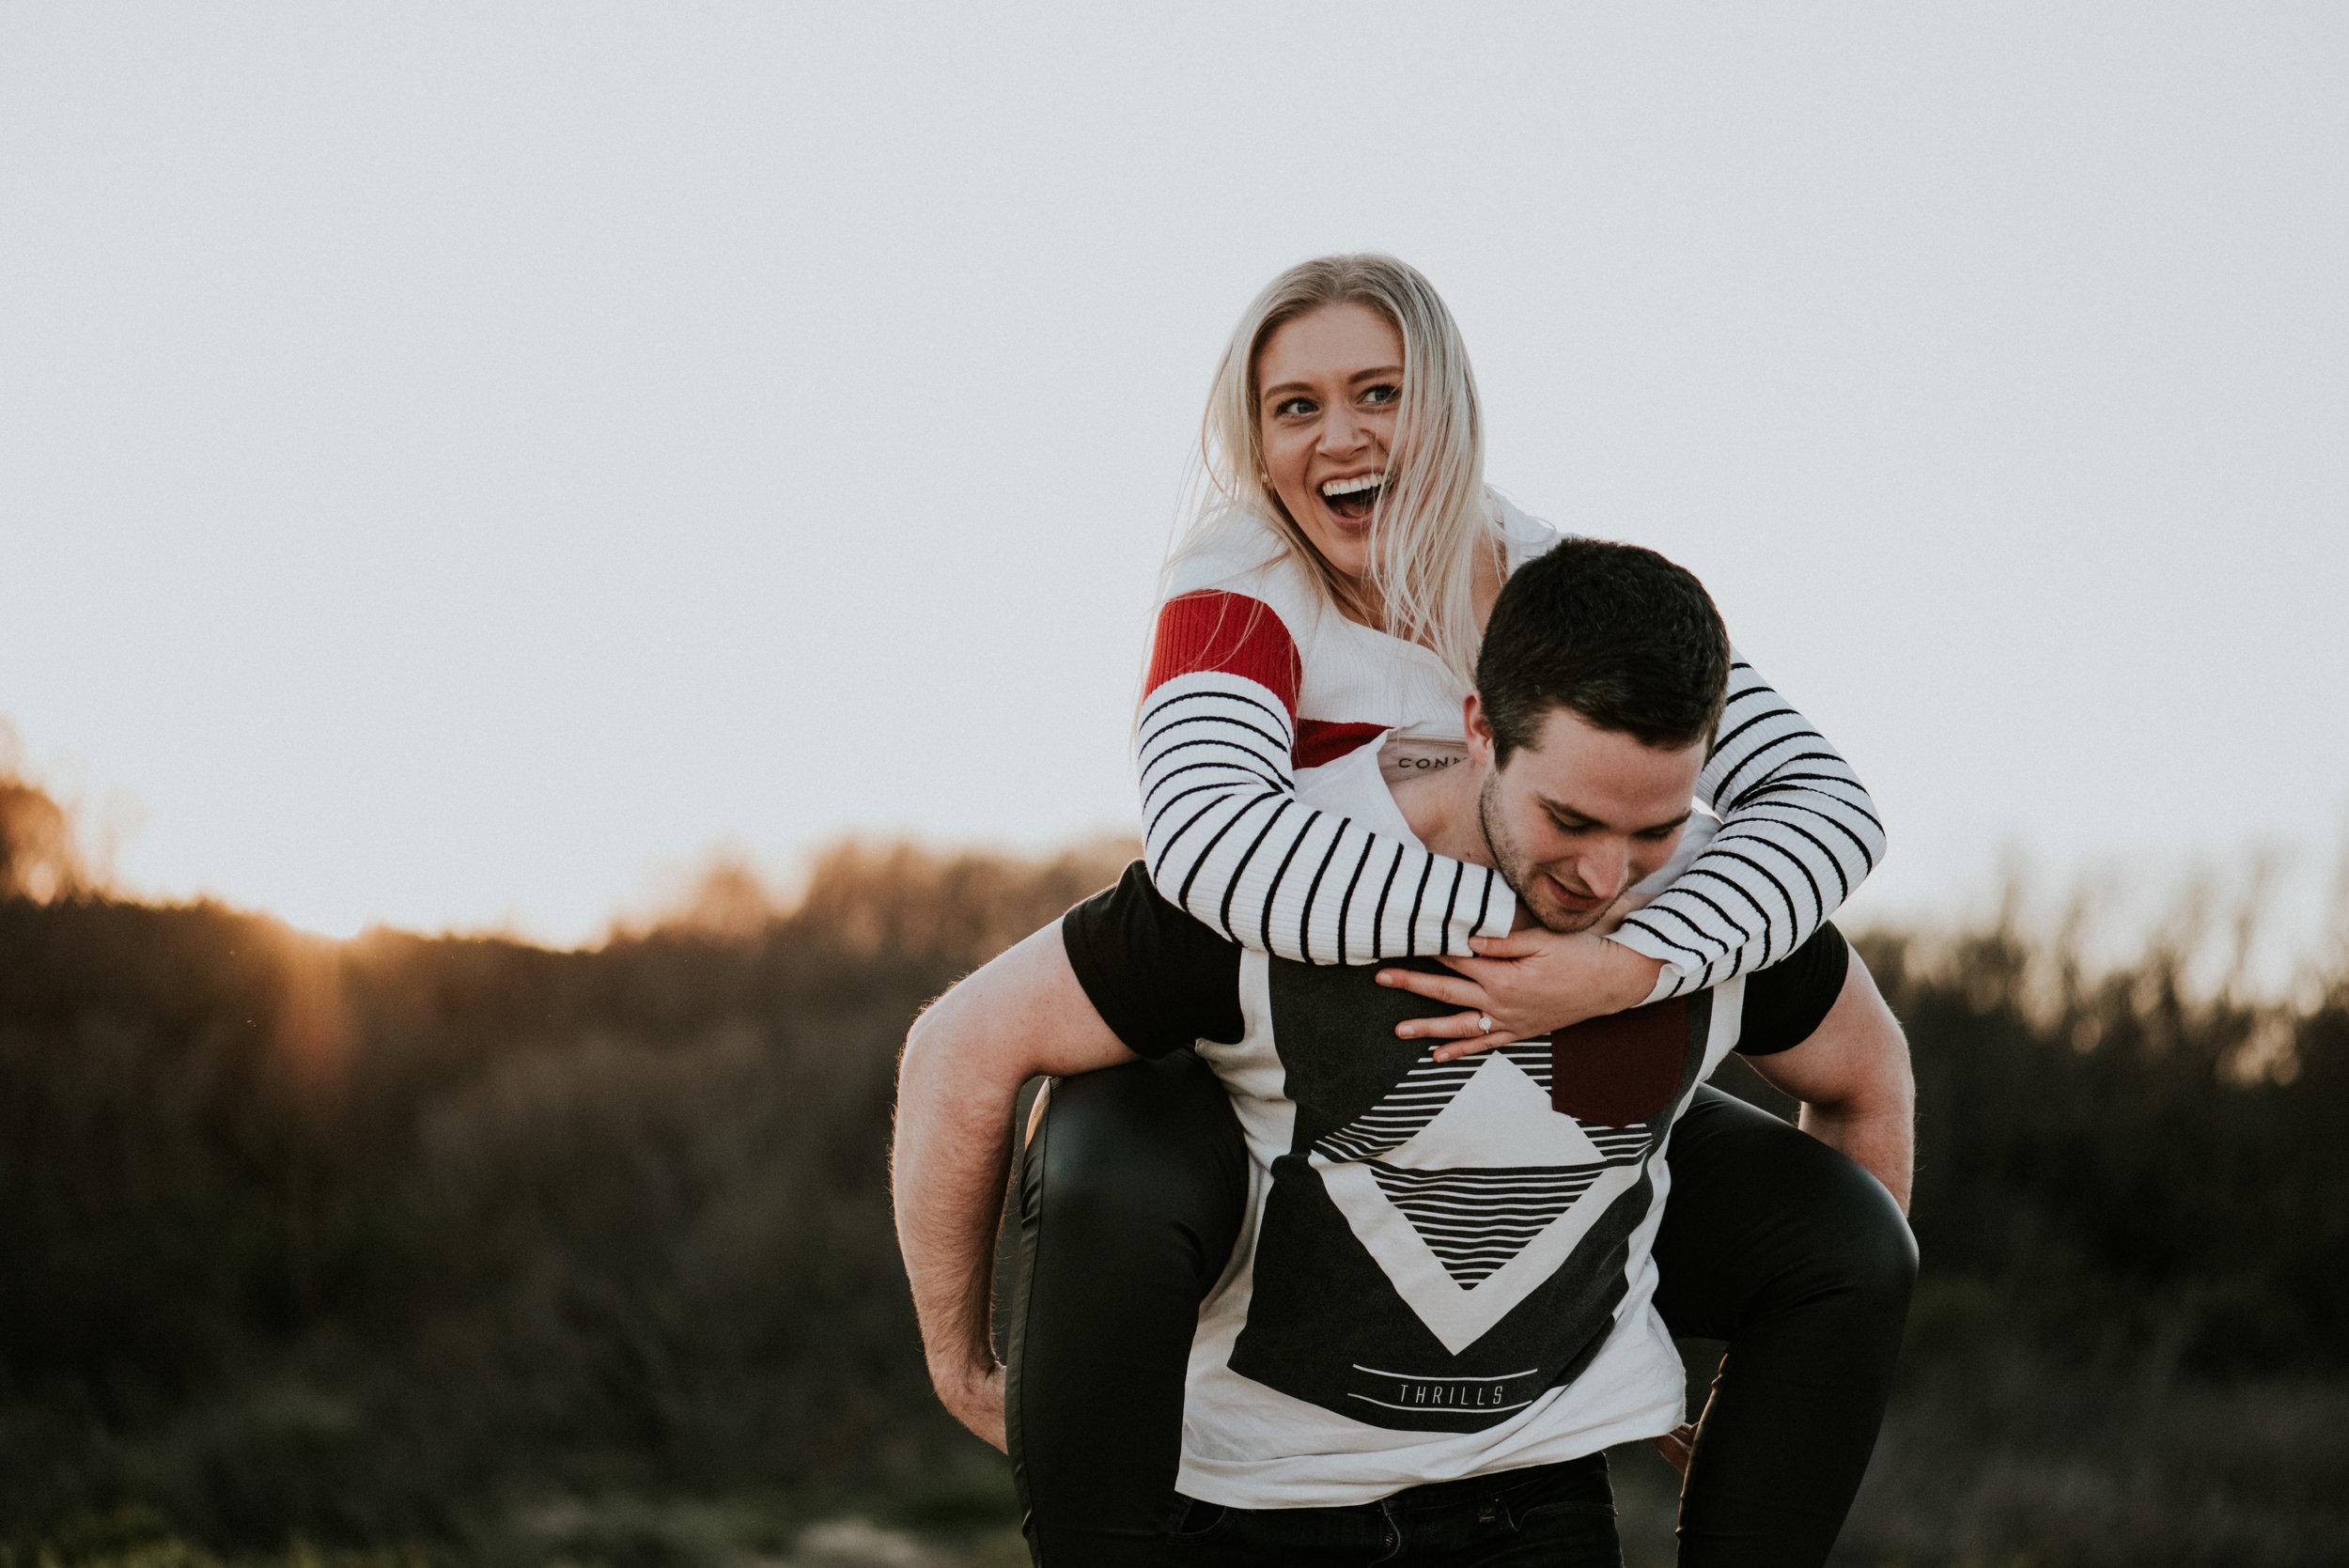 Amy & Jono - Port Kembla Winter Sunset Engagement     15th July 2018